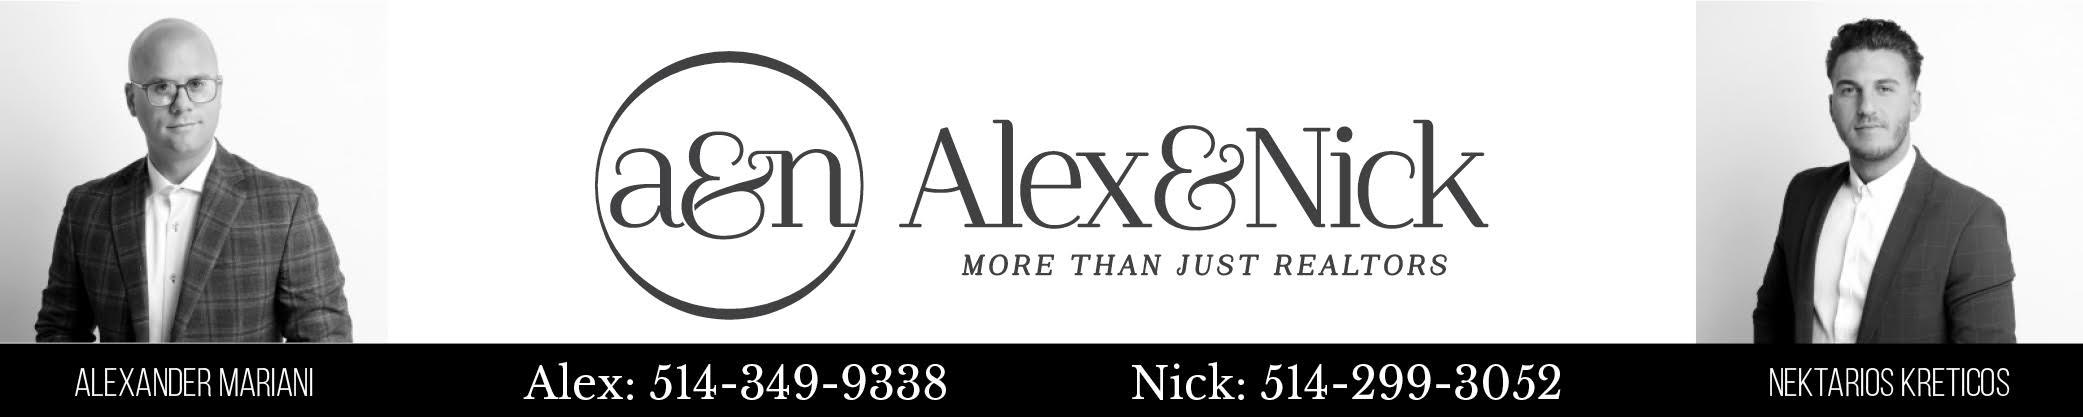 Alex & Nick Realtors